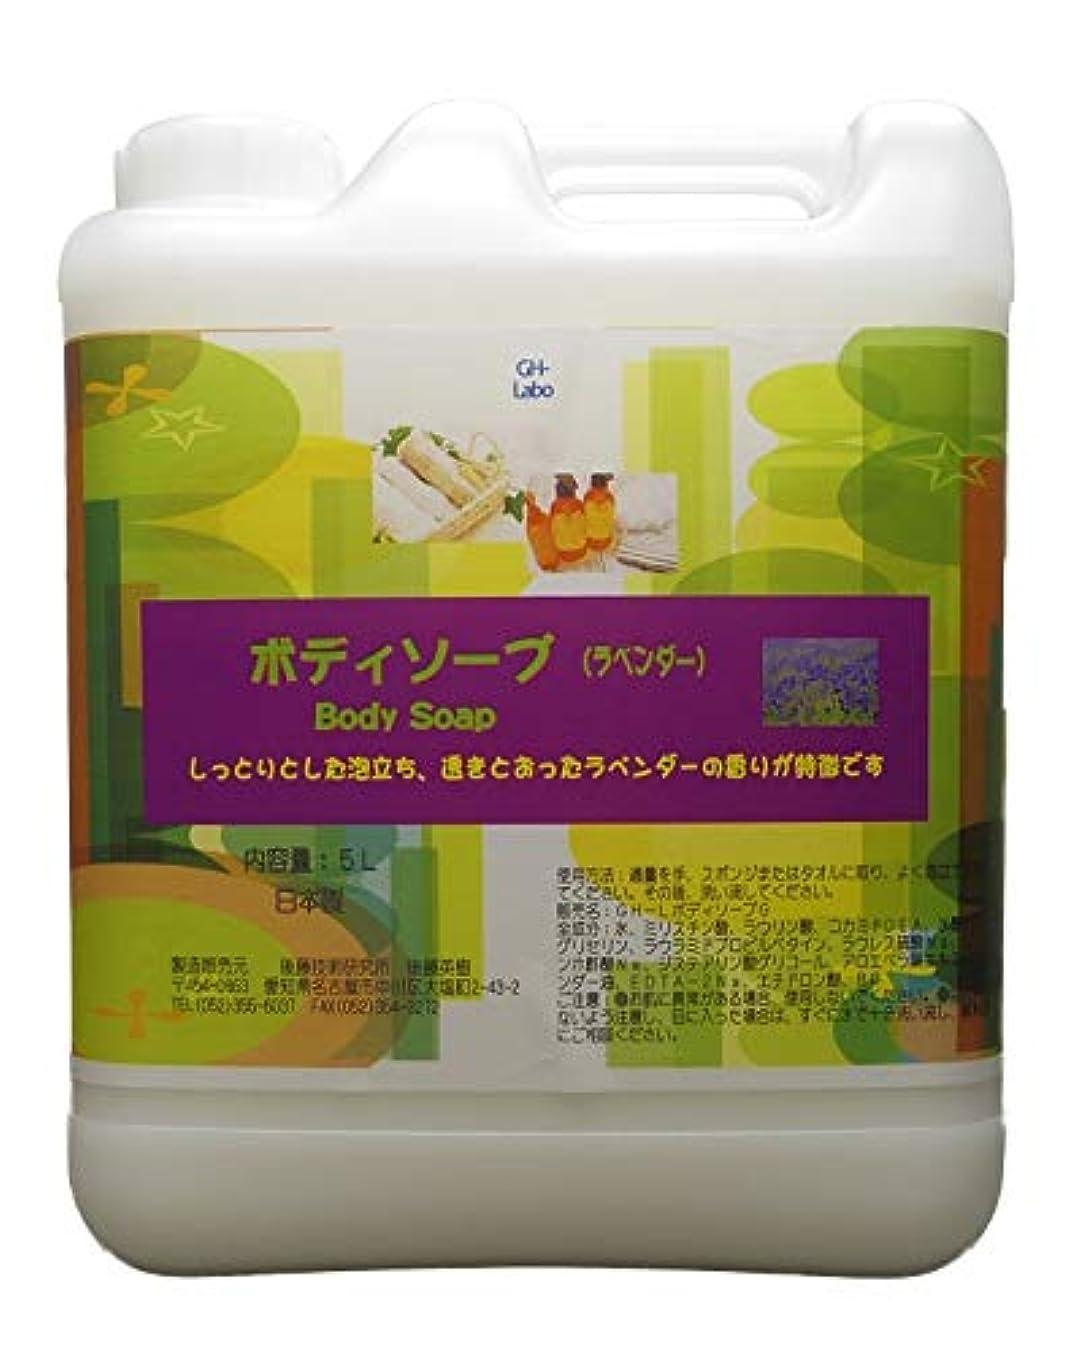 サンダルオーク浸漬GH-Labo 業務用ボディソープ ラベンダーの香り 5L